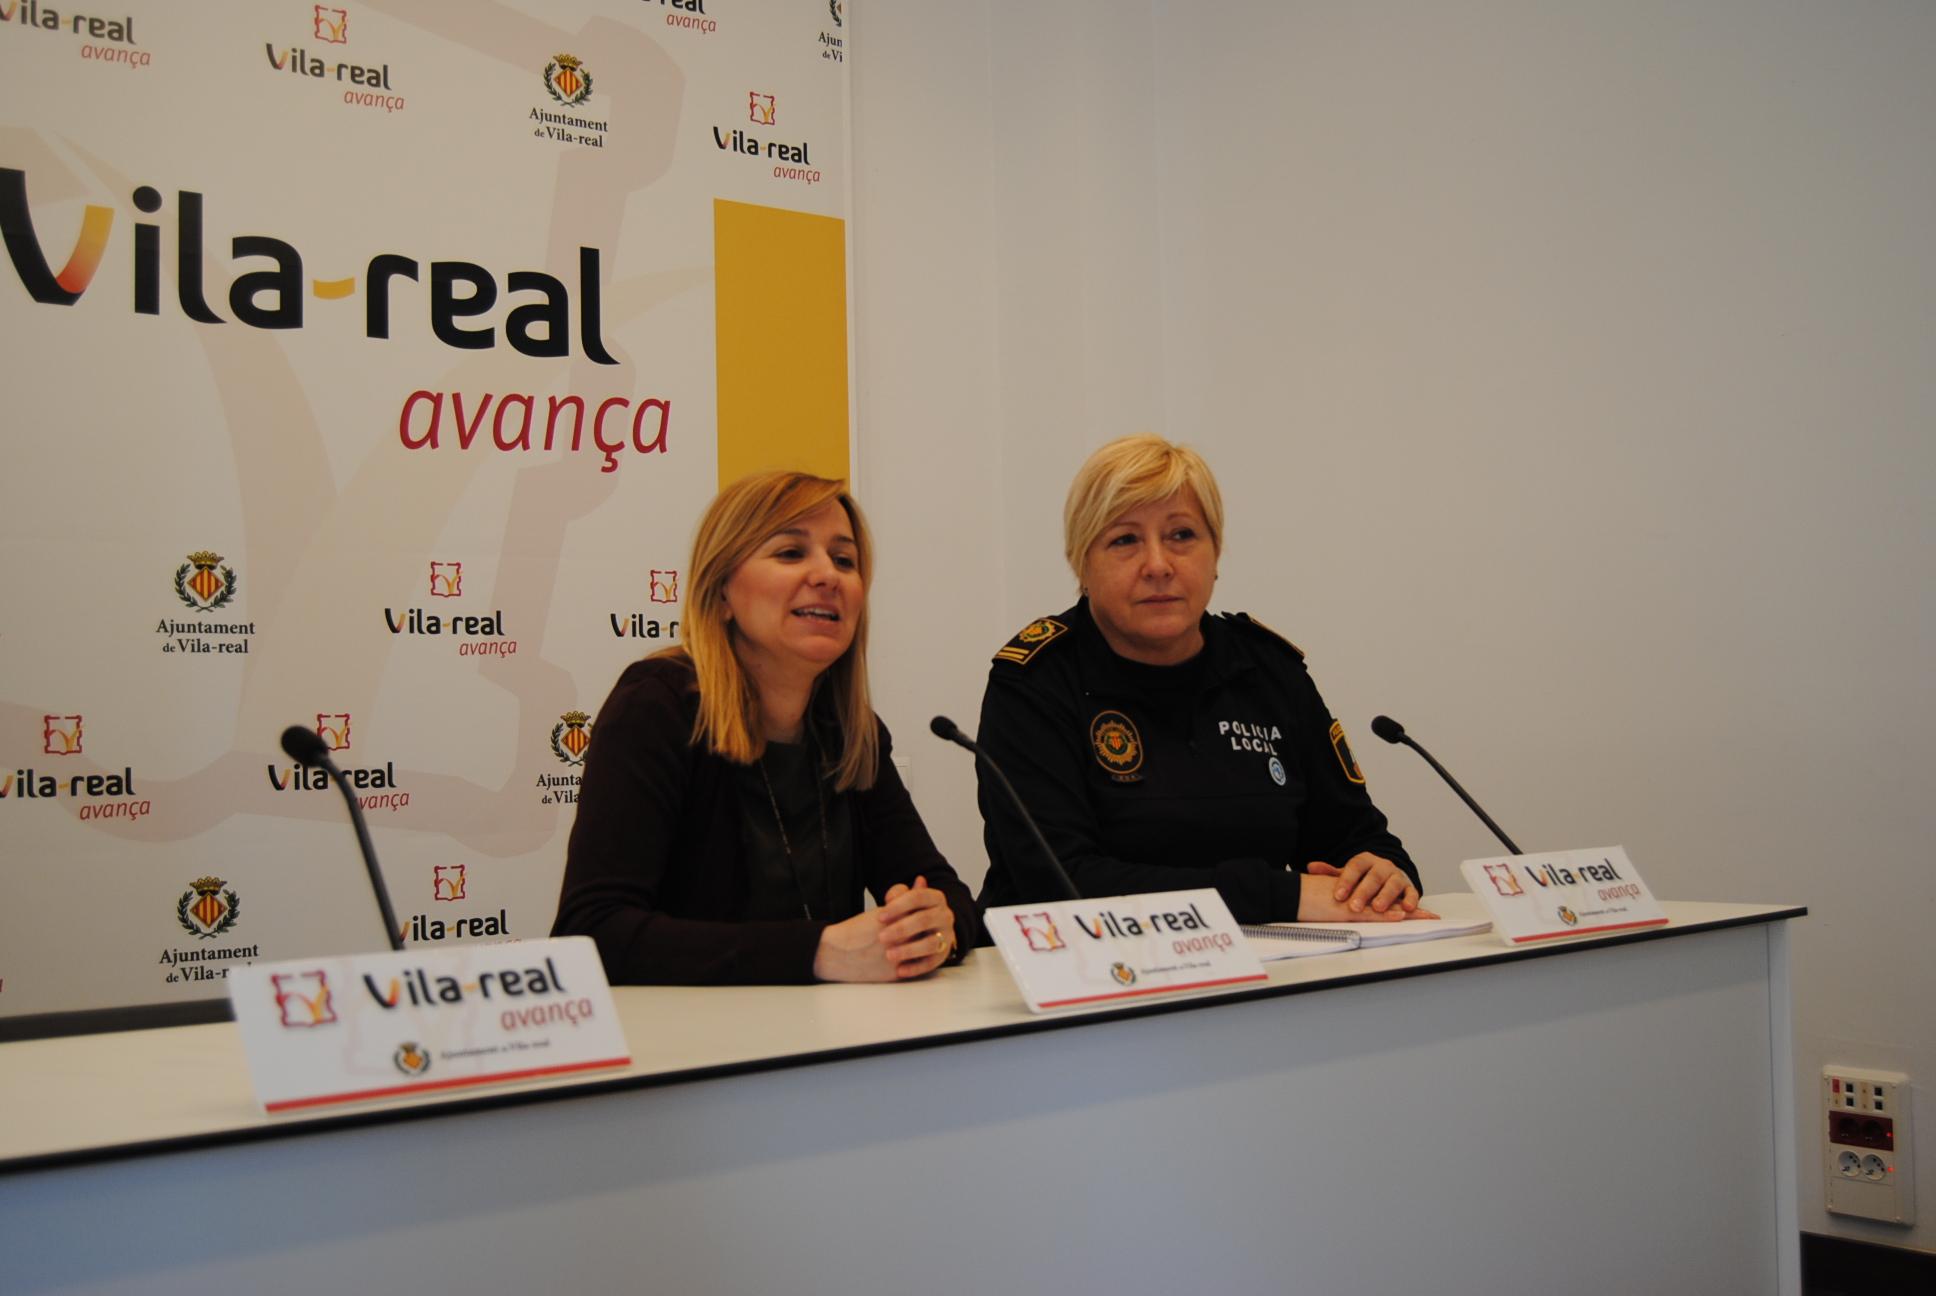 La mediación policial resuelve el 87% de casos en 2017, año en que Vila-real es reconocida como capital mundial de la mediación